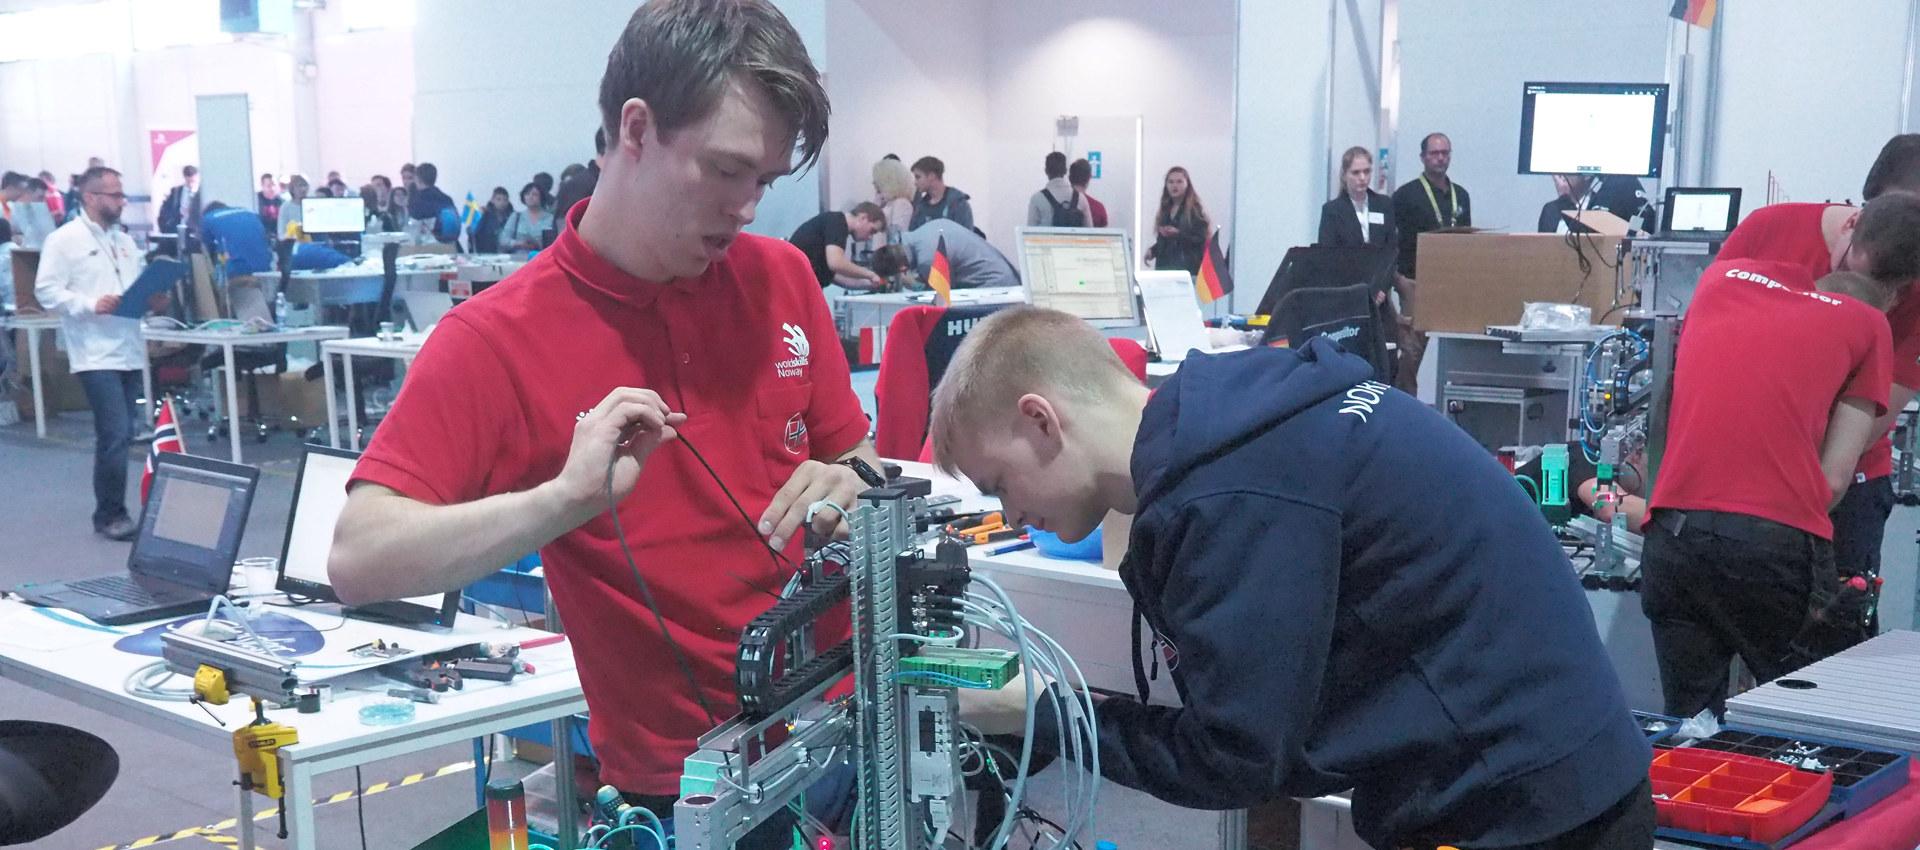 EuroSkills 2018, automatisering